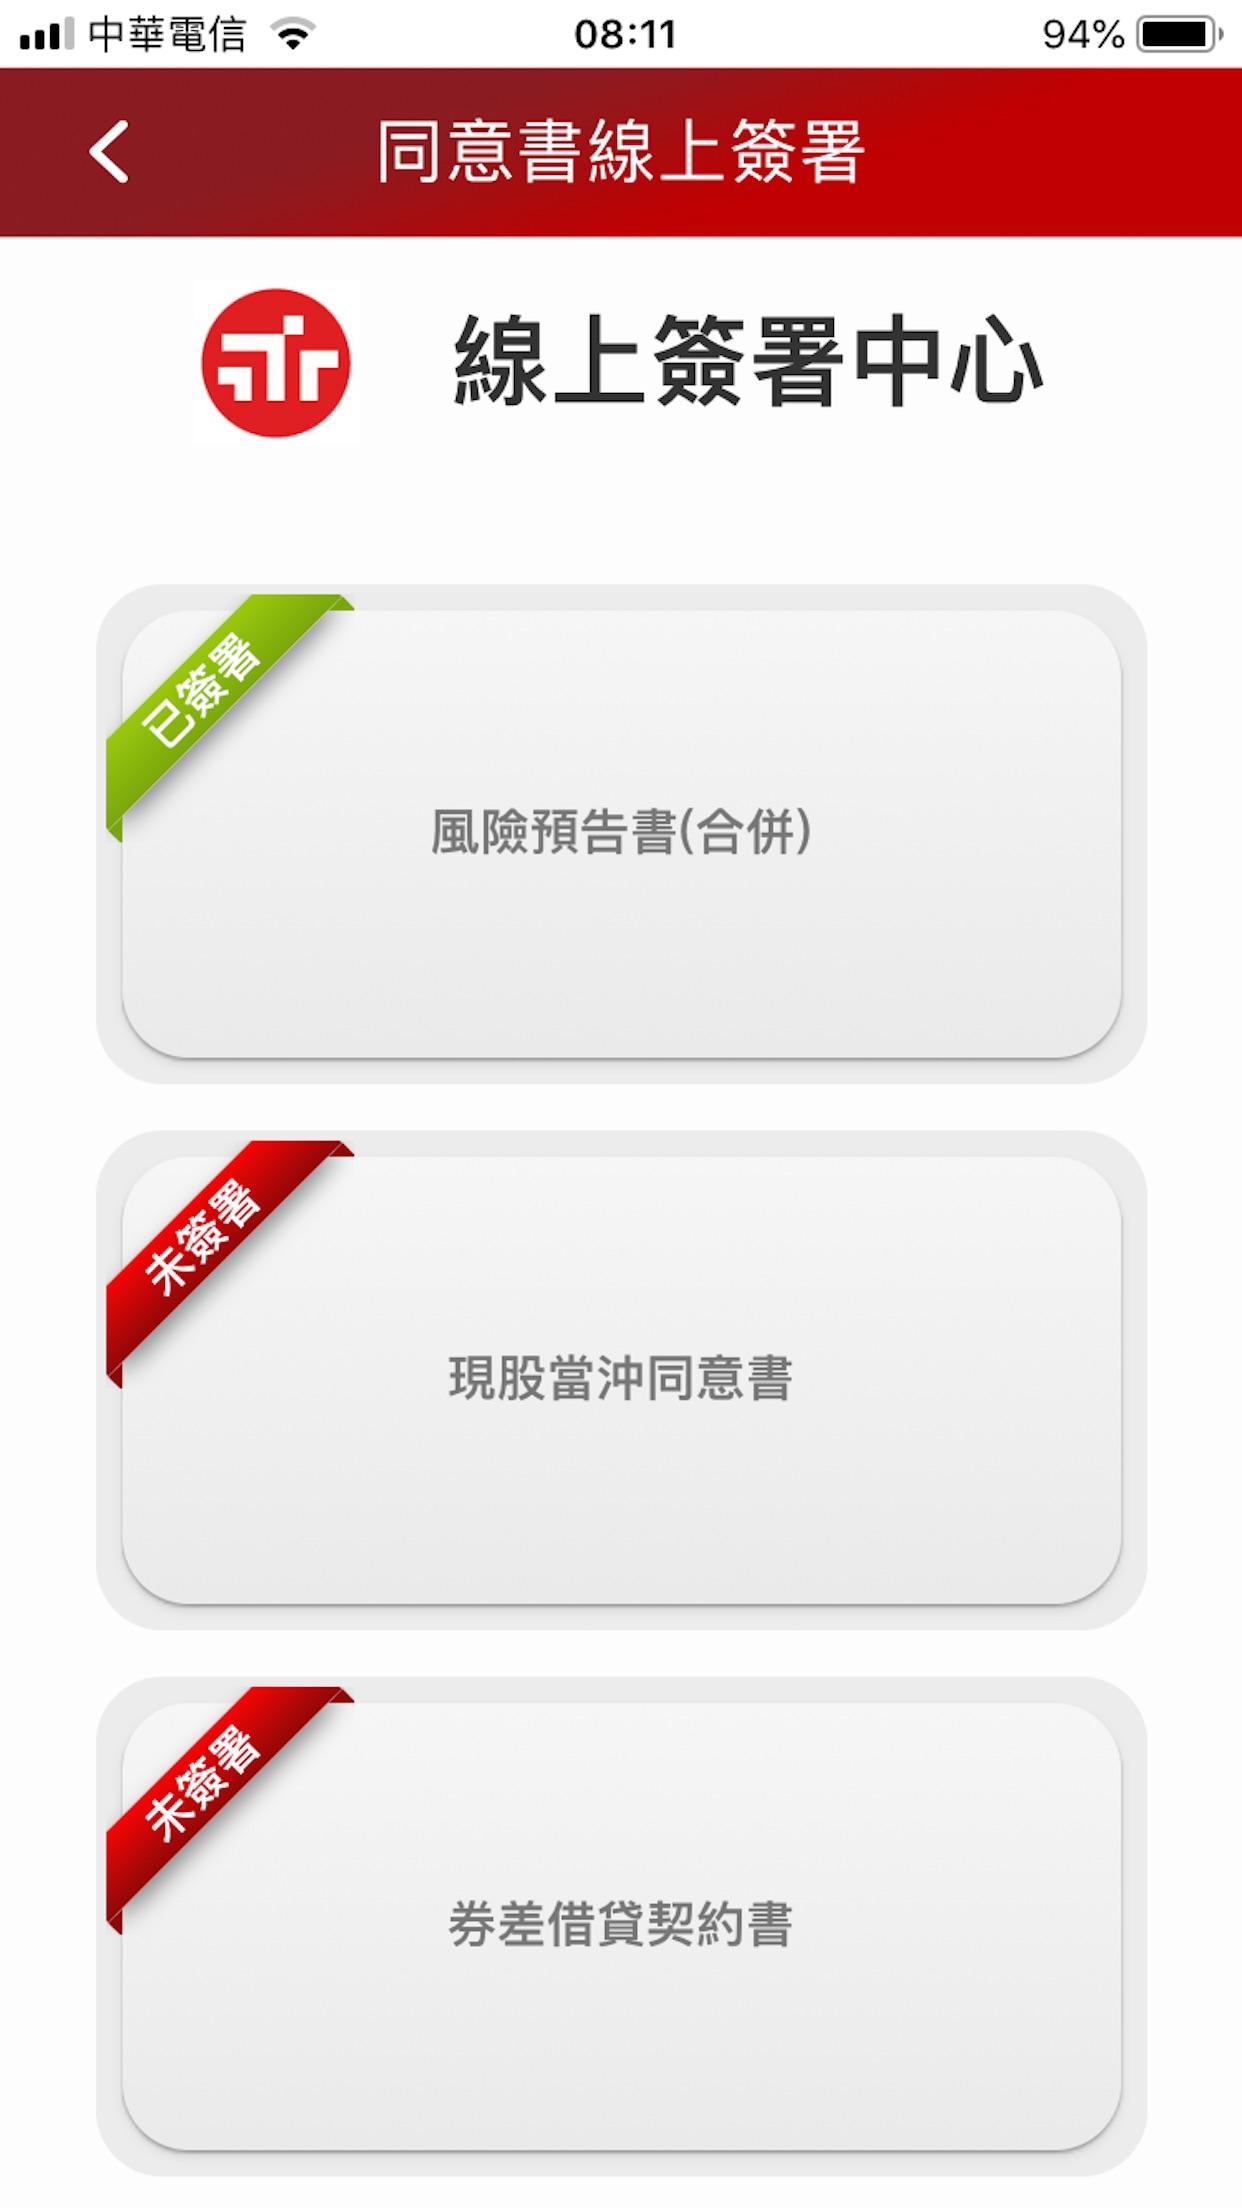 永豐金豐管家 Screenshot